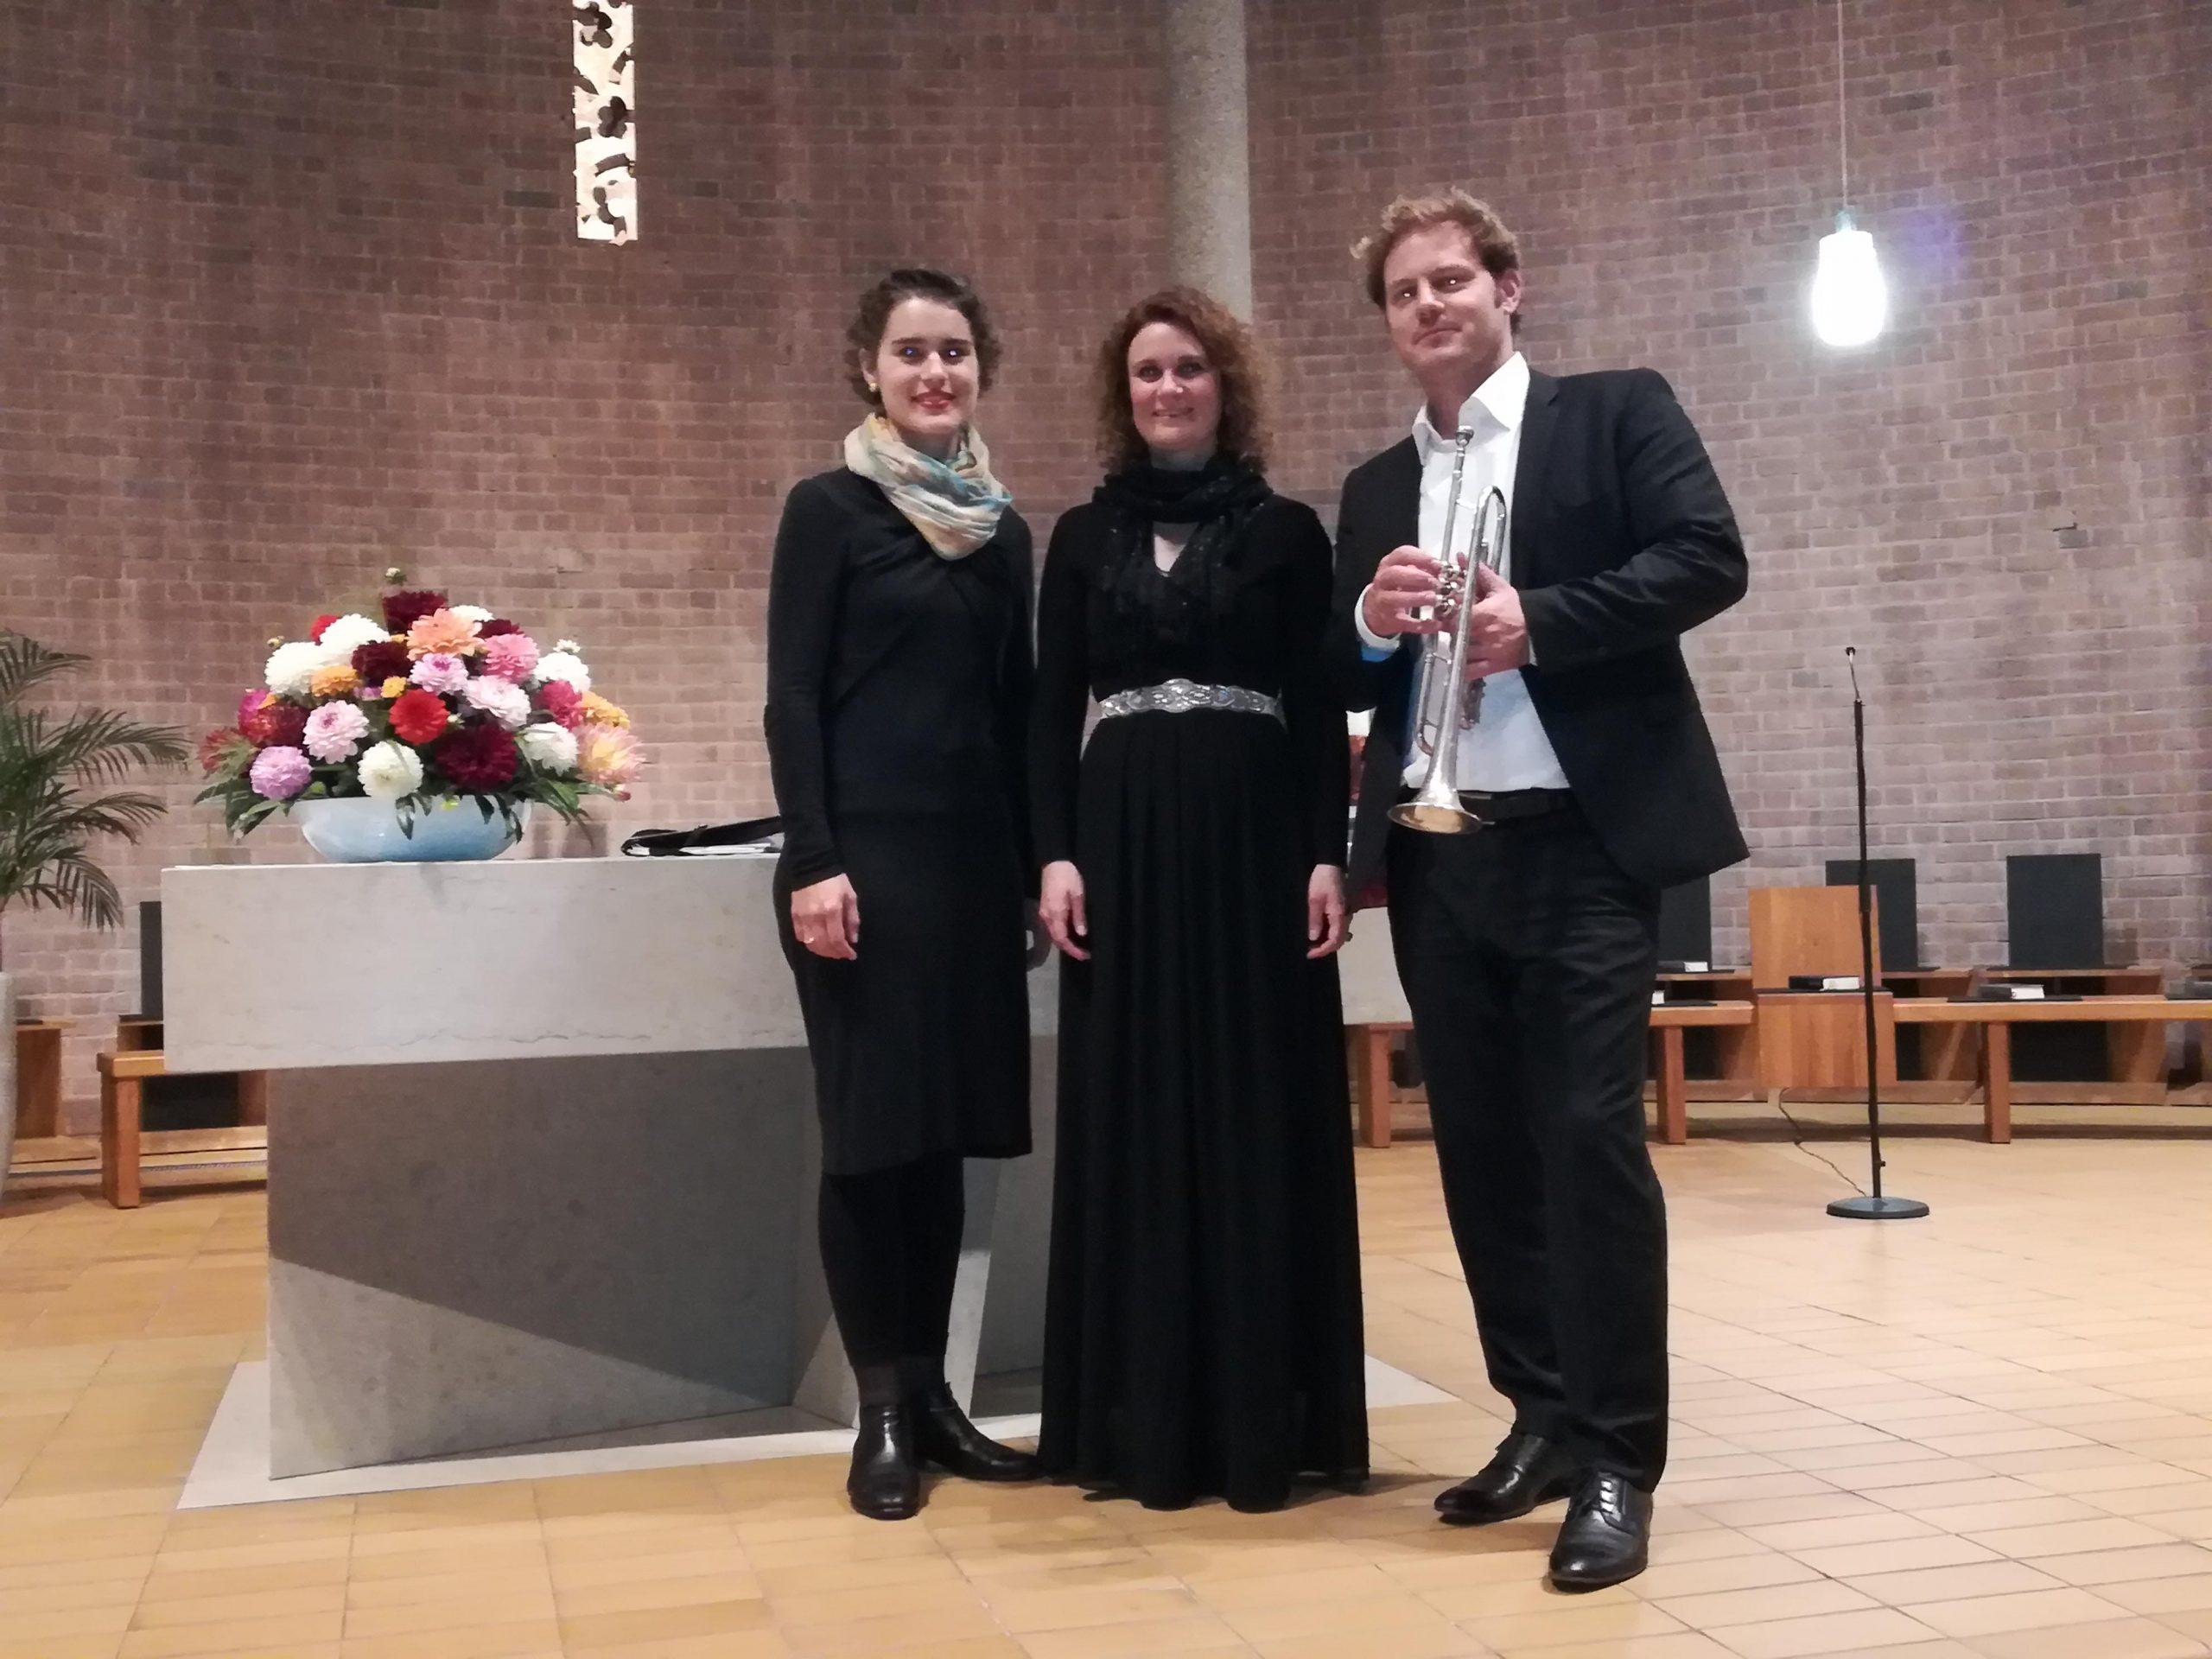 Anabelle Hund, Rüdiger Kurz et Christine Rahn lors de du concert organisé par l'IGP e.V. dans le cadre de la semaine française de Heidelberg.